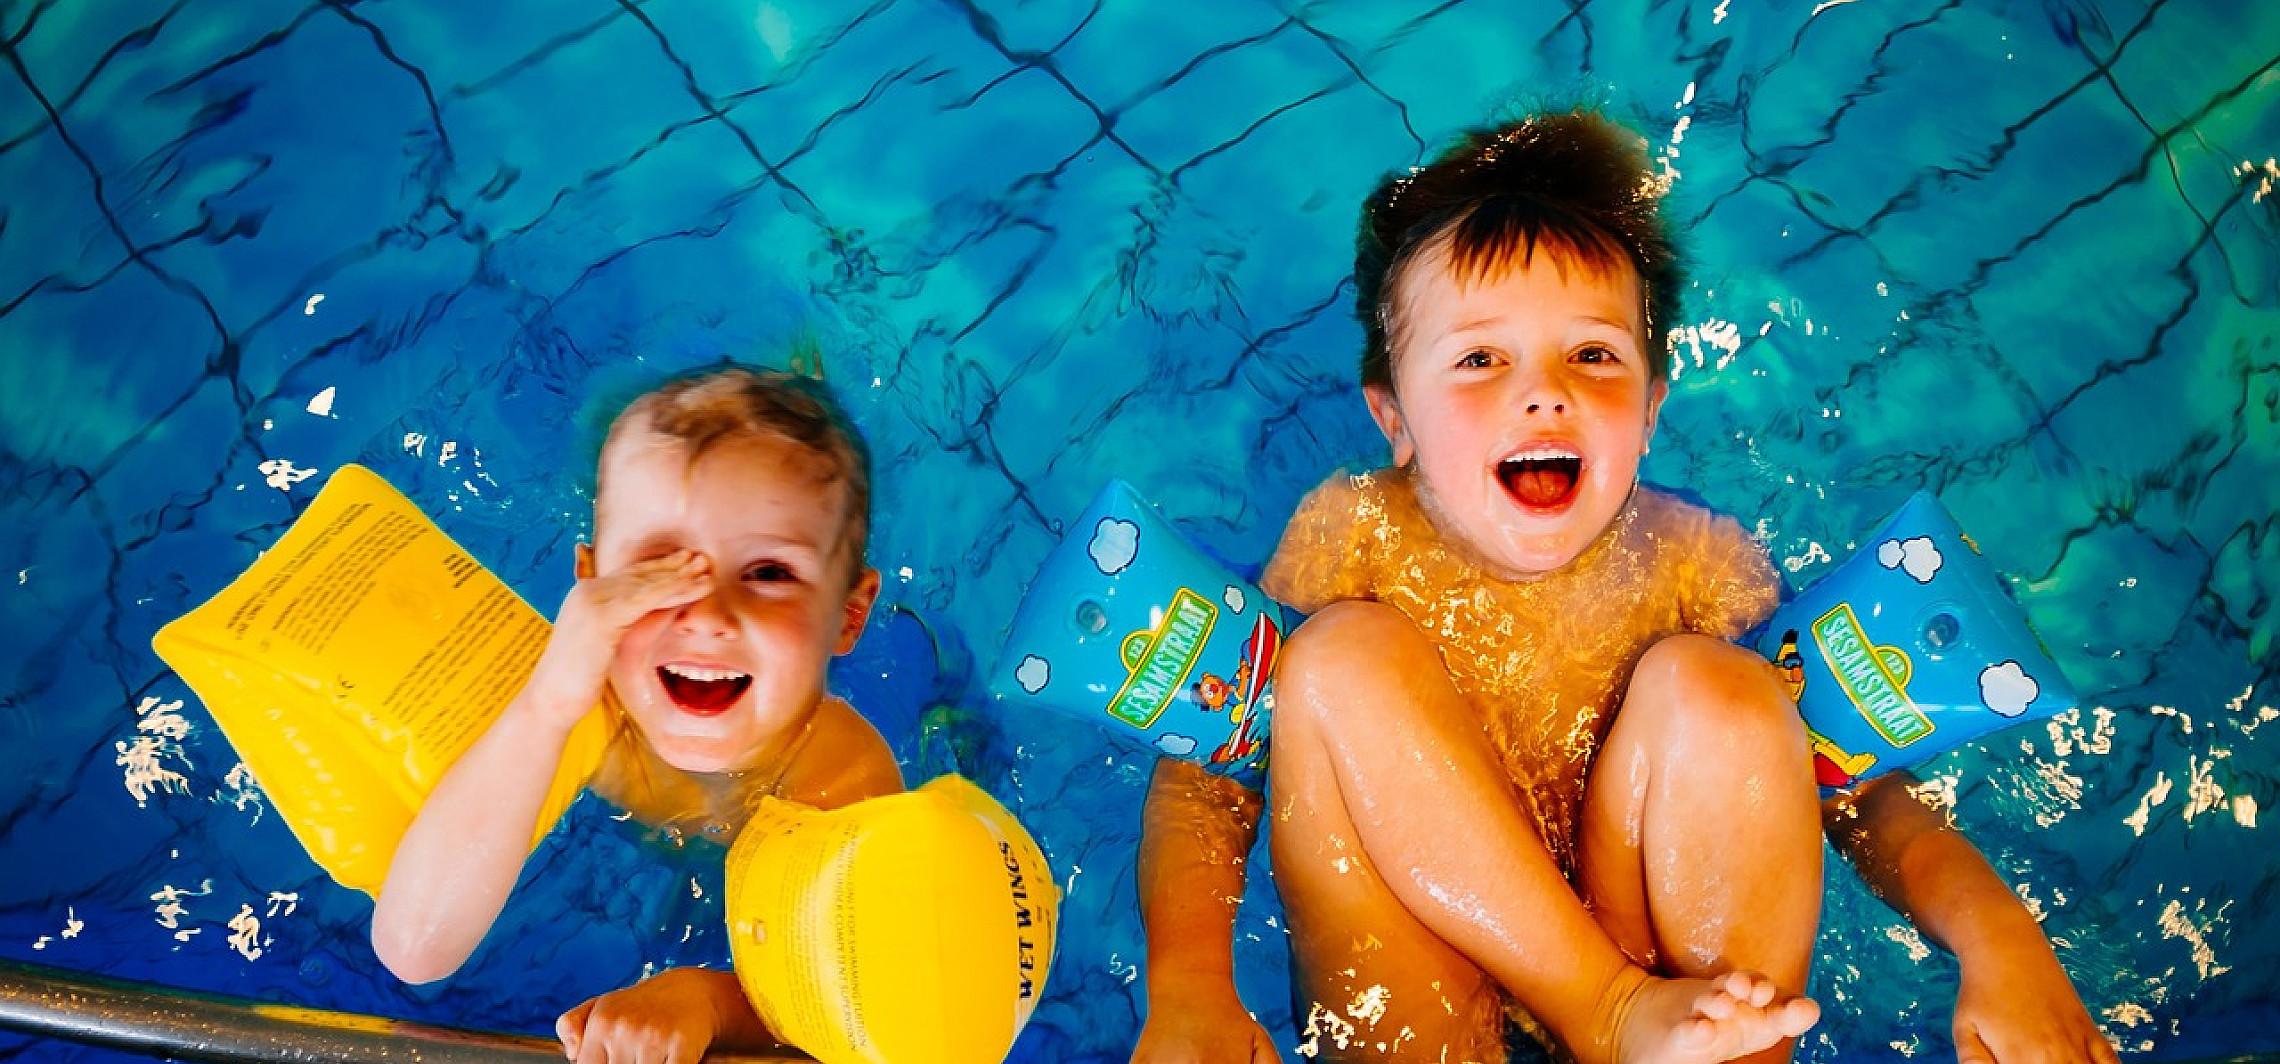 Vízhez szoktatás és úszás gyermekeknek: Mutatjuk  a legfontosabb tudnivalókat!